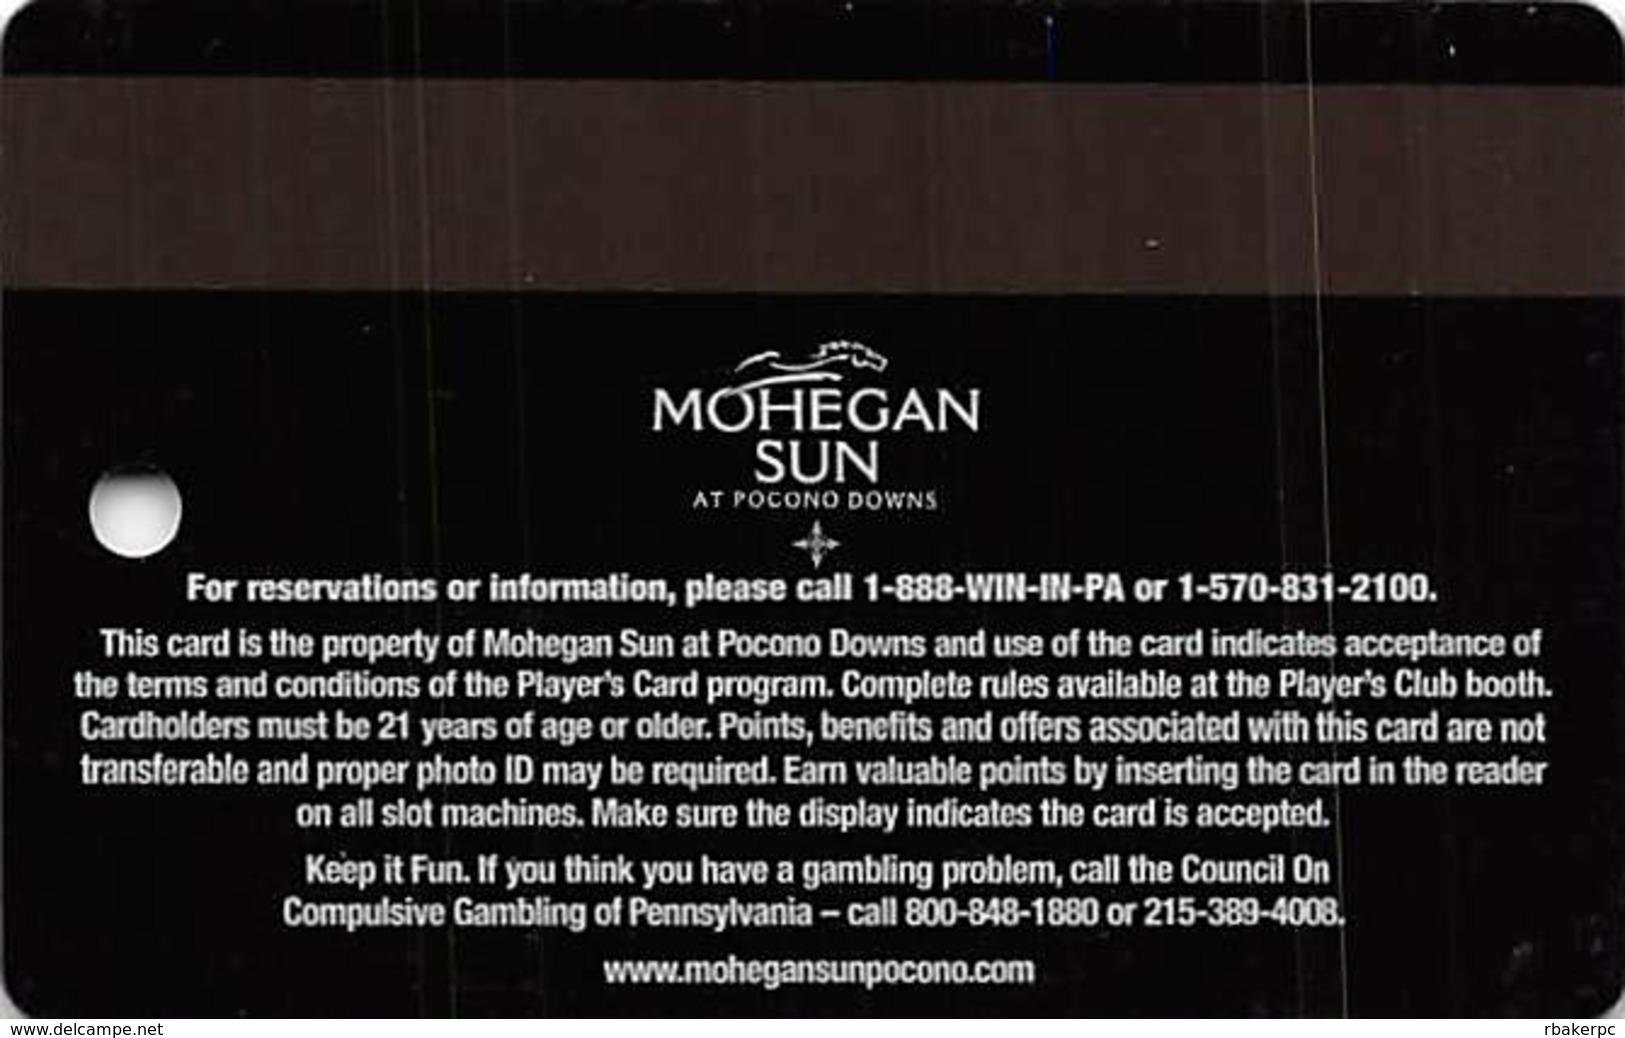 Mohegan Sun Casino At Pocono Downs - Wilks-Barre, PA USA - Elite Slot Card - Casino Cards